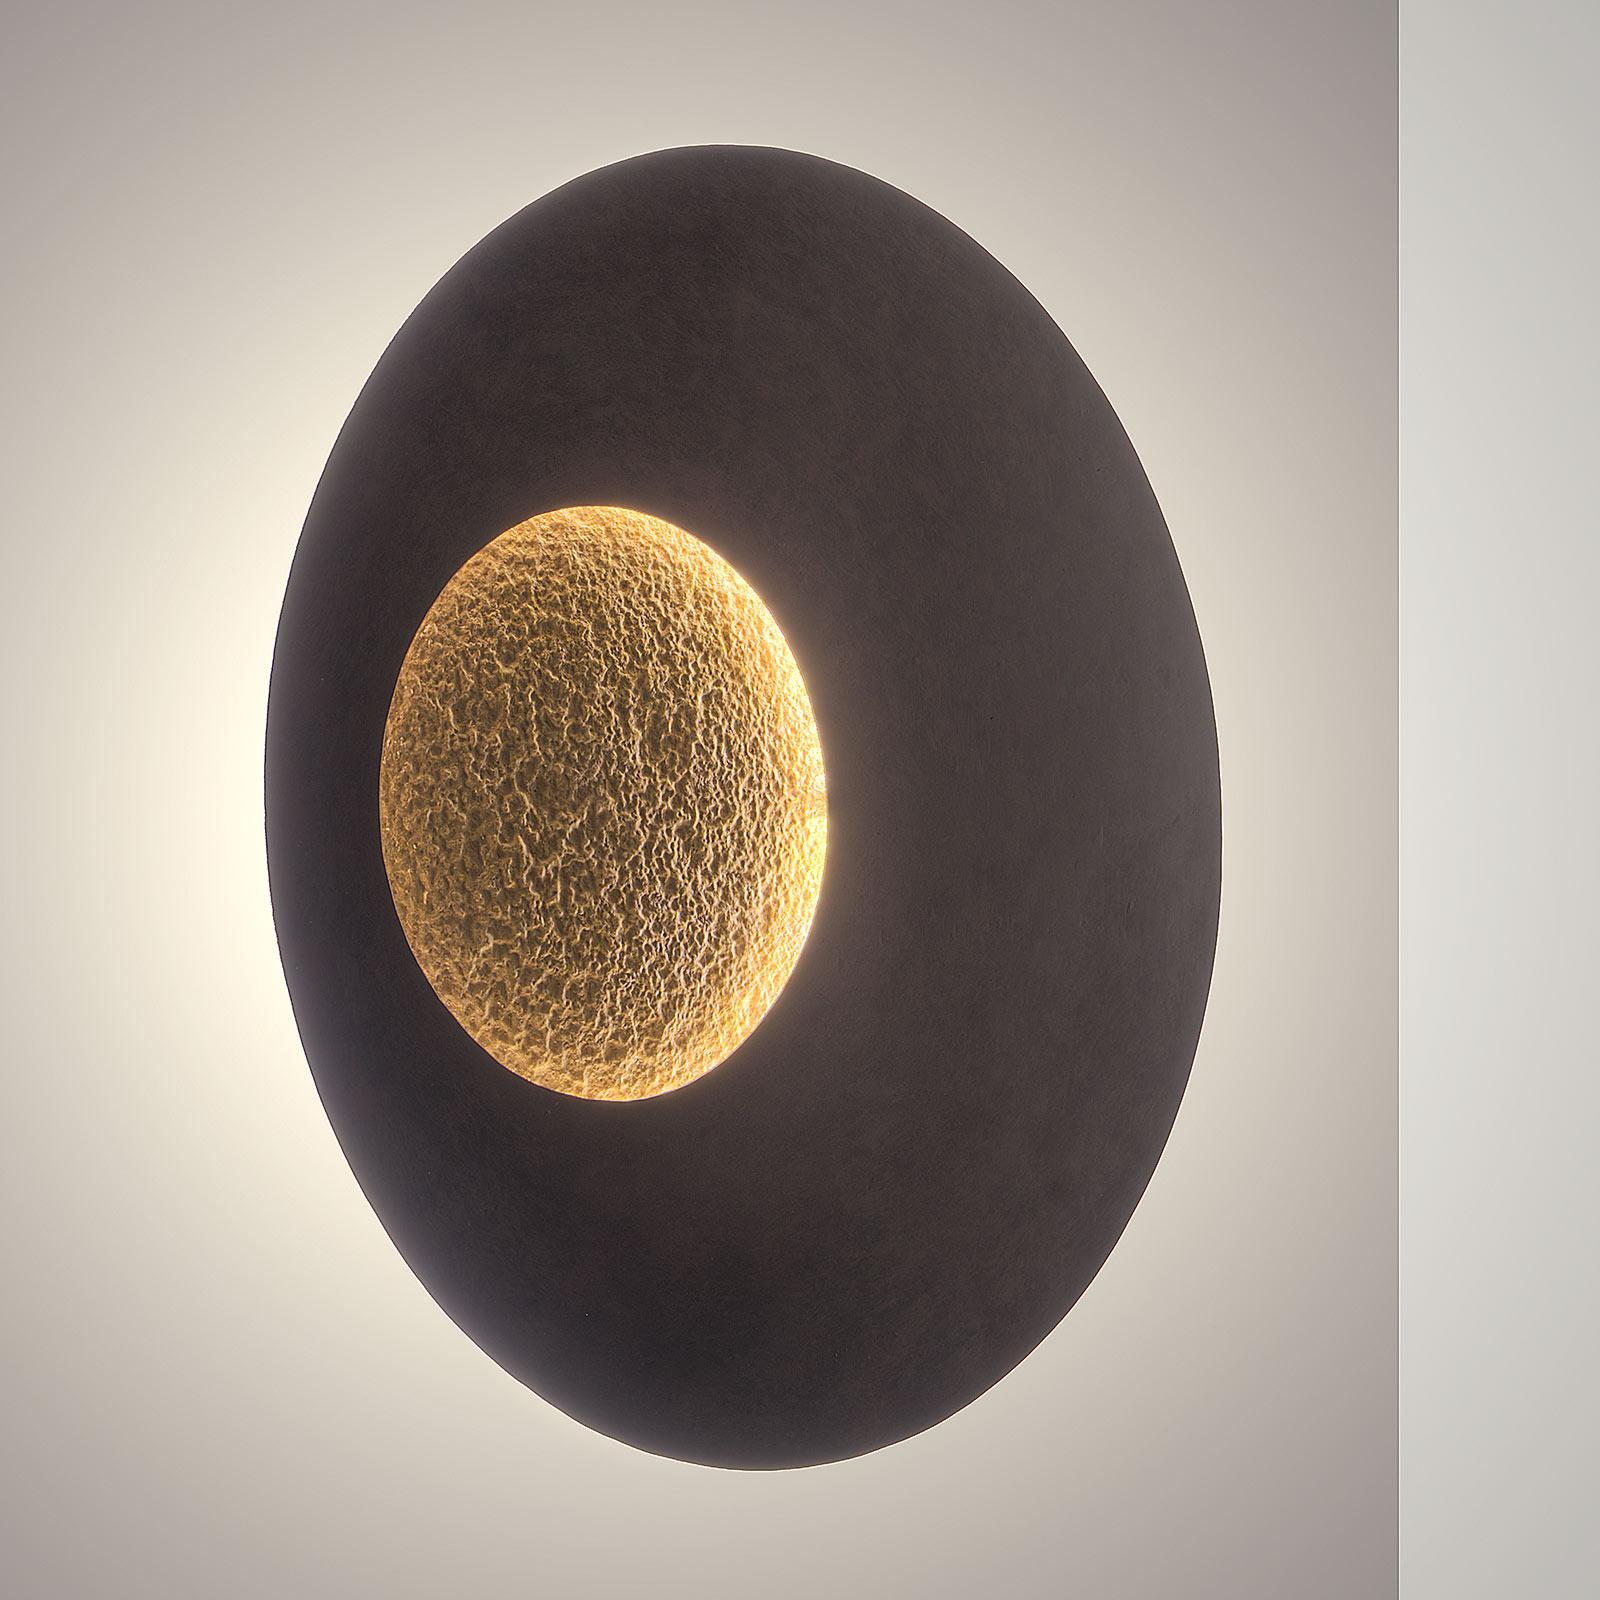 LED-Wandleuchte Luina, Ø 80 cm, innen gold